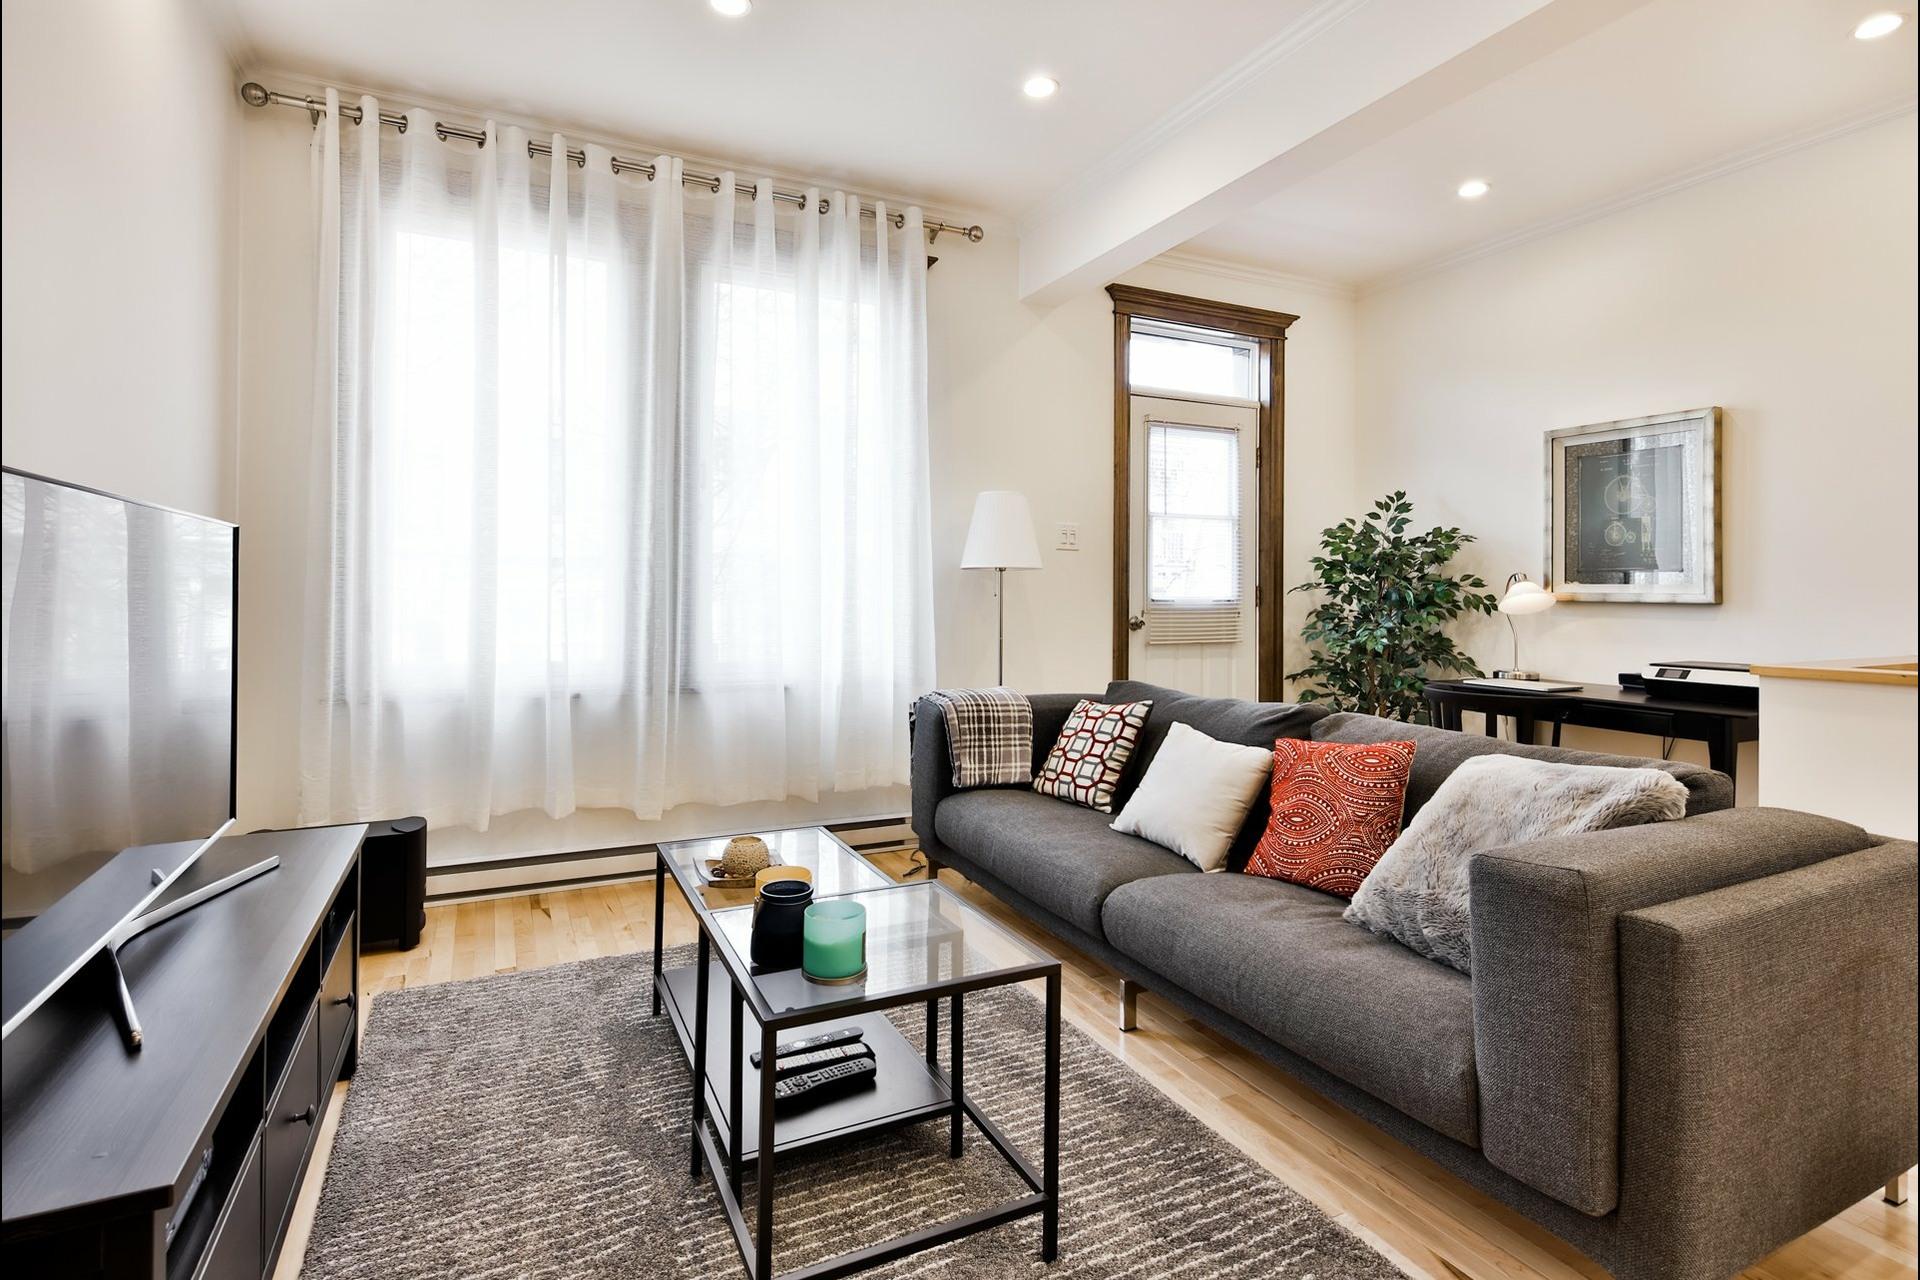 image 2 - Appartement À vendre Le Plateau-Mont-Royal Montréal  - 4 pièces